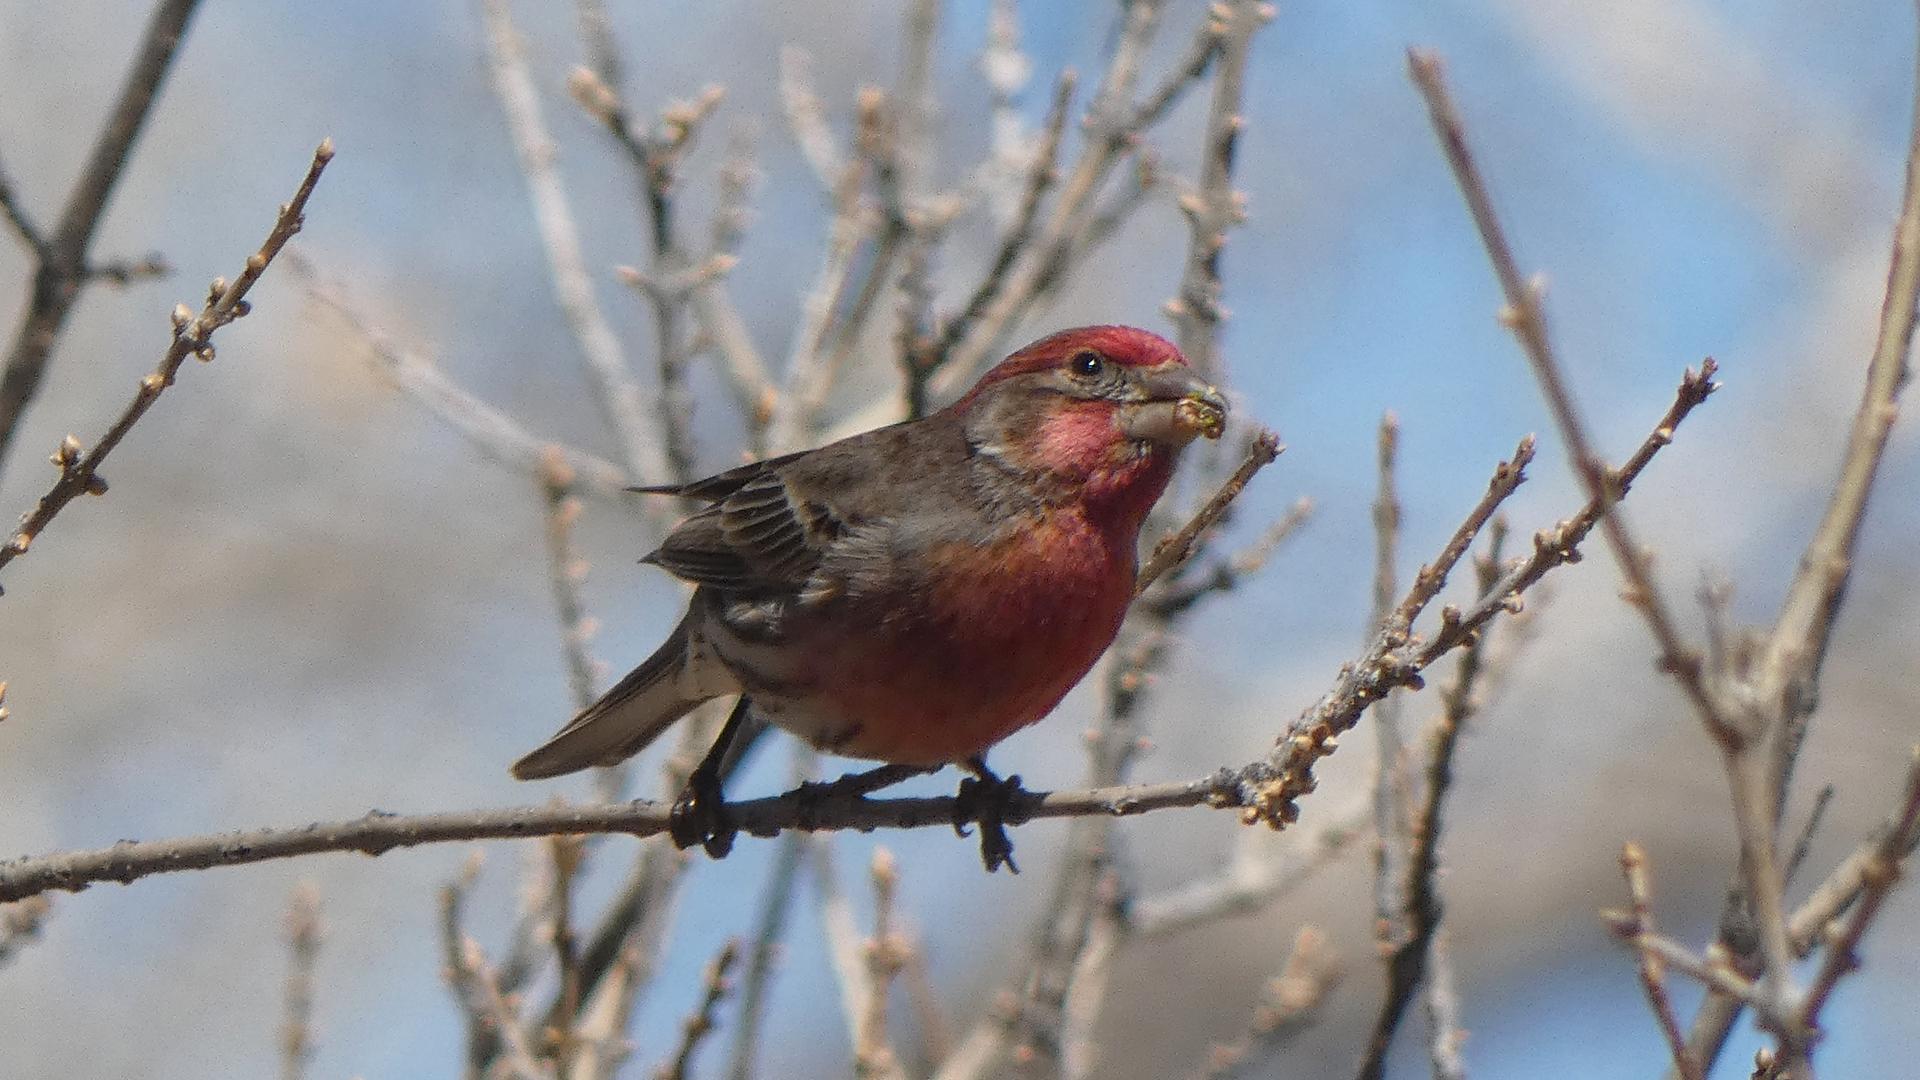 Male, Rio Grande Nature Center, Albuquerque, March 2021